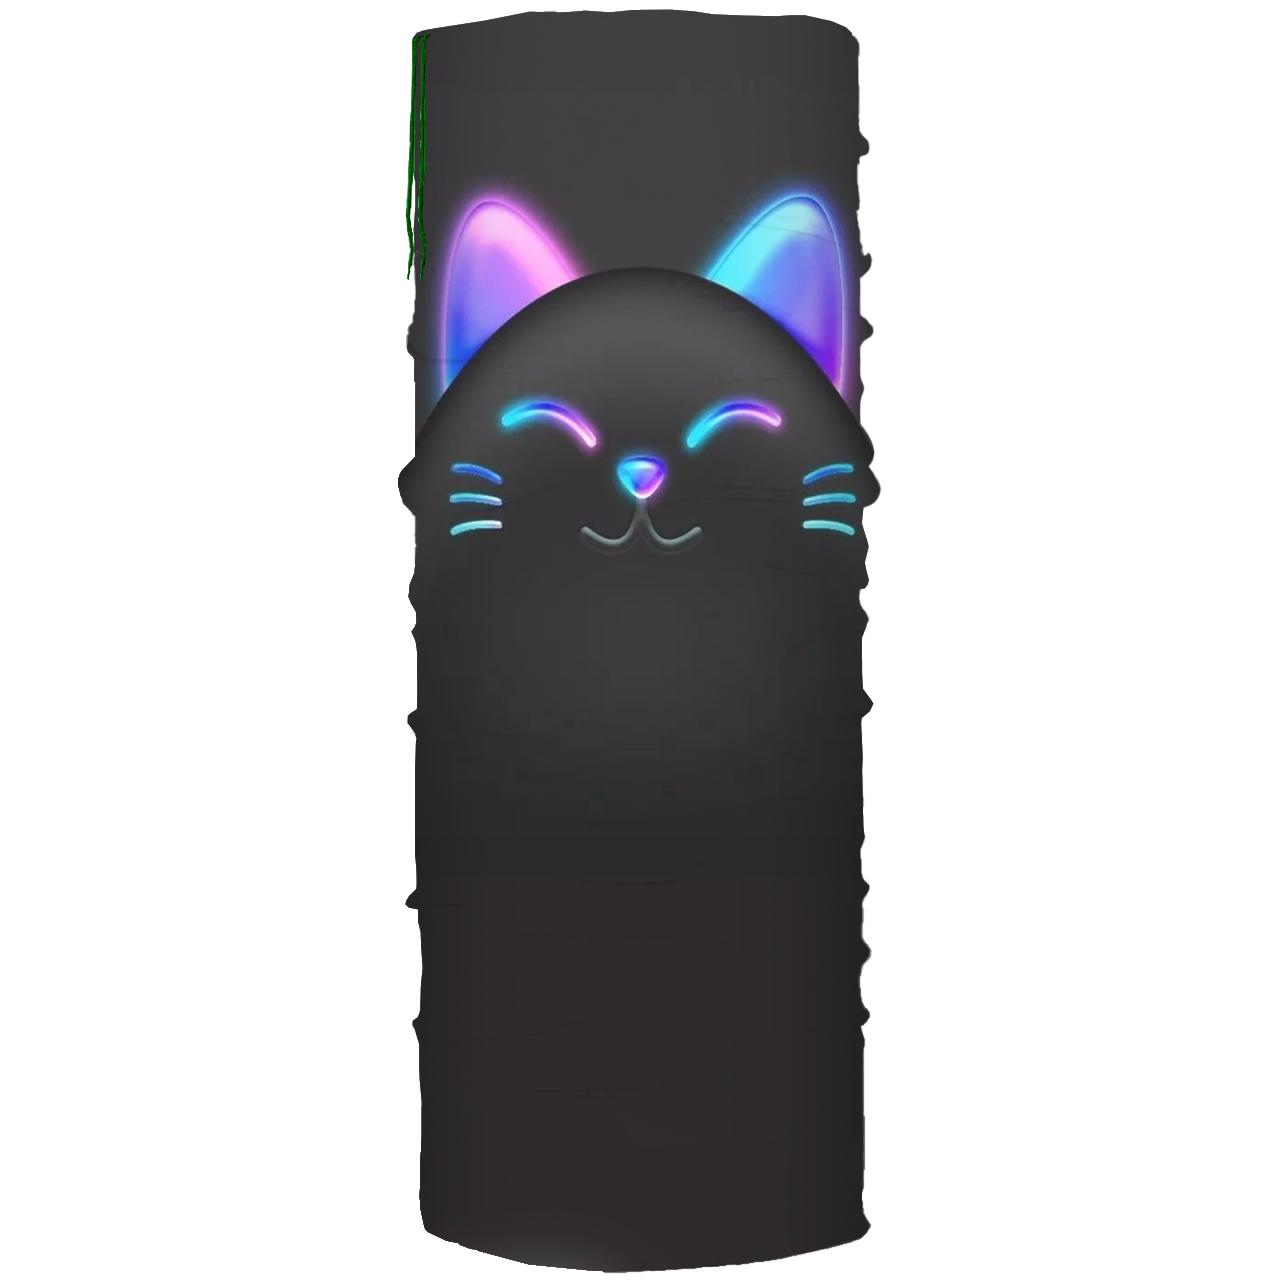 دستمال سر و گردن مدل گربه کد 49 BBB